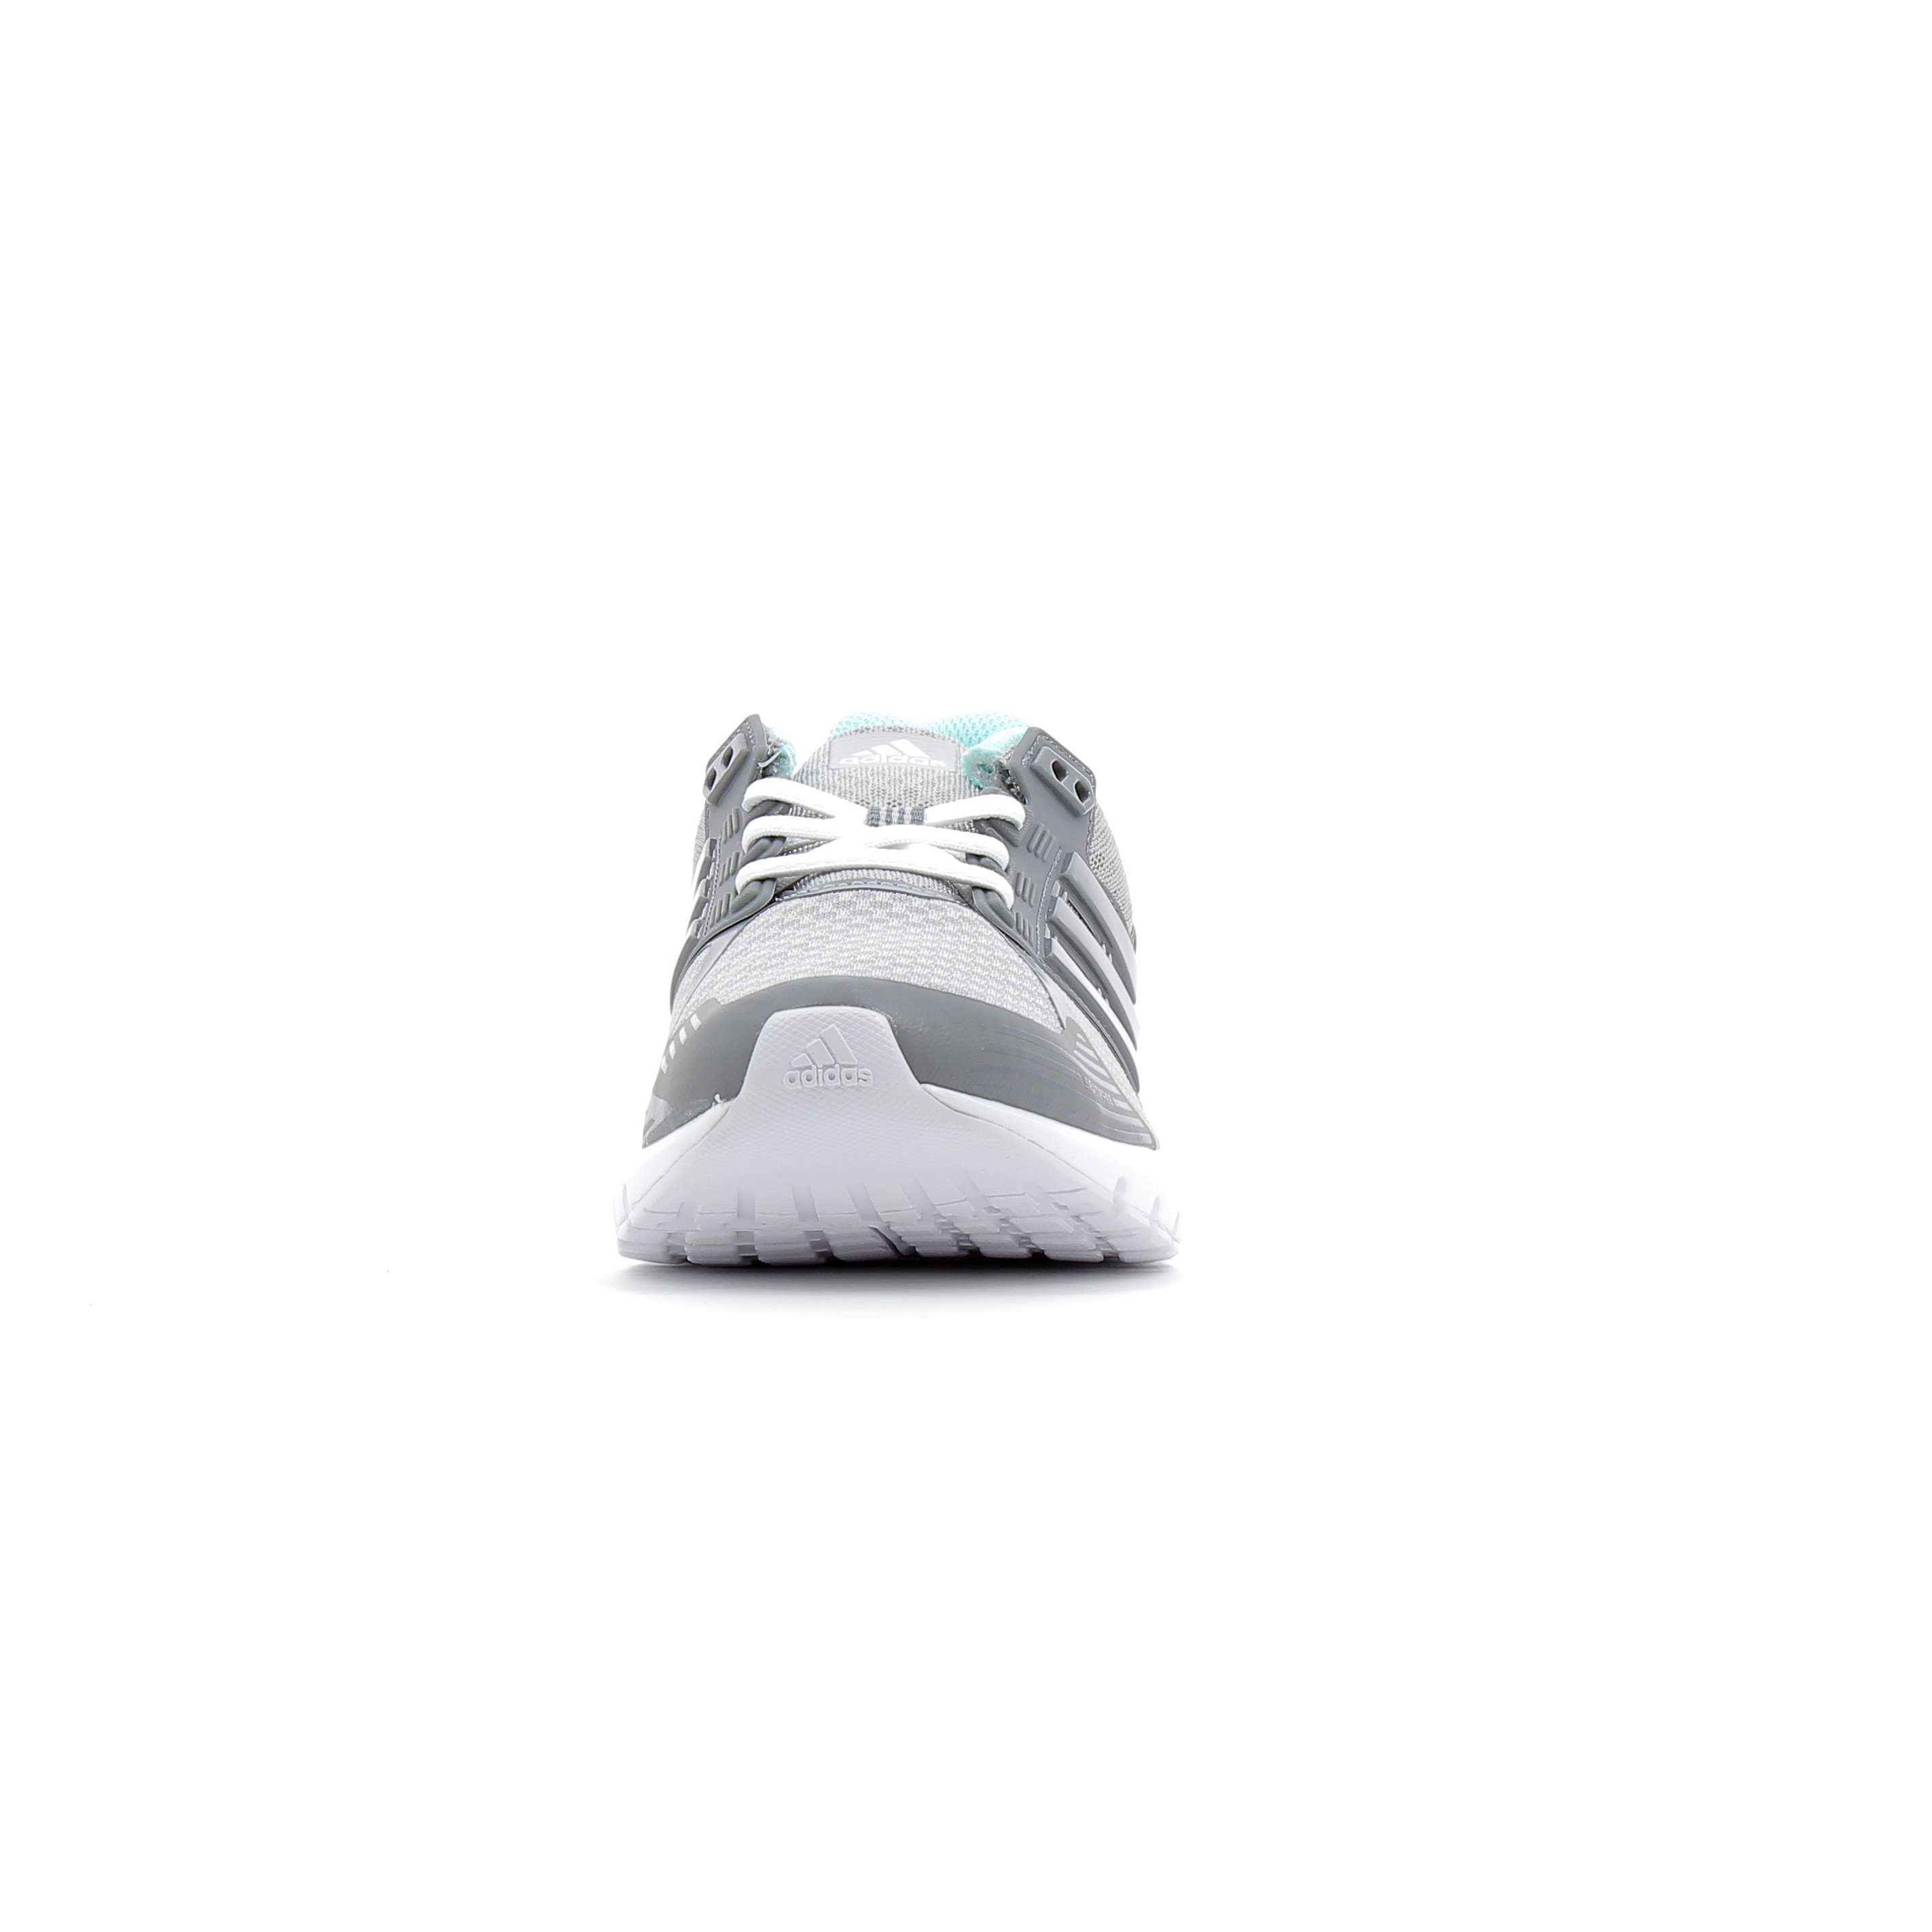 super popular 84ccc 41a74 Gris Adidas 8 Duramo Running W De Femme Chaussures qg606